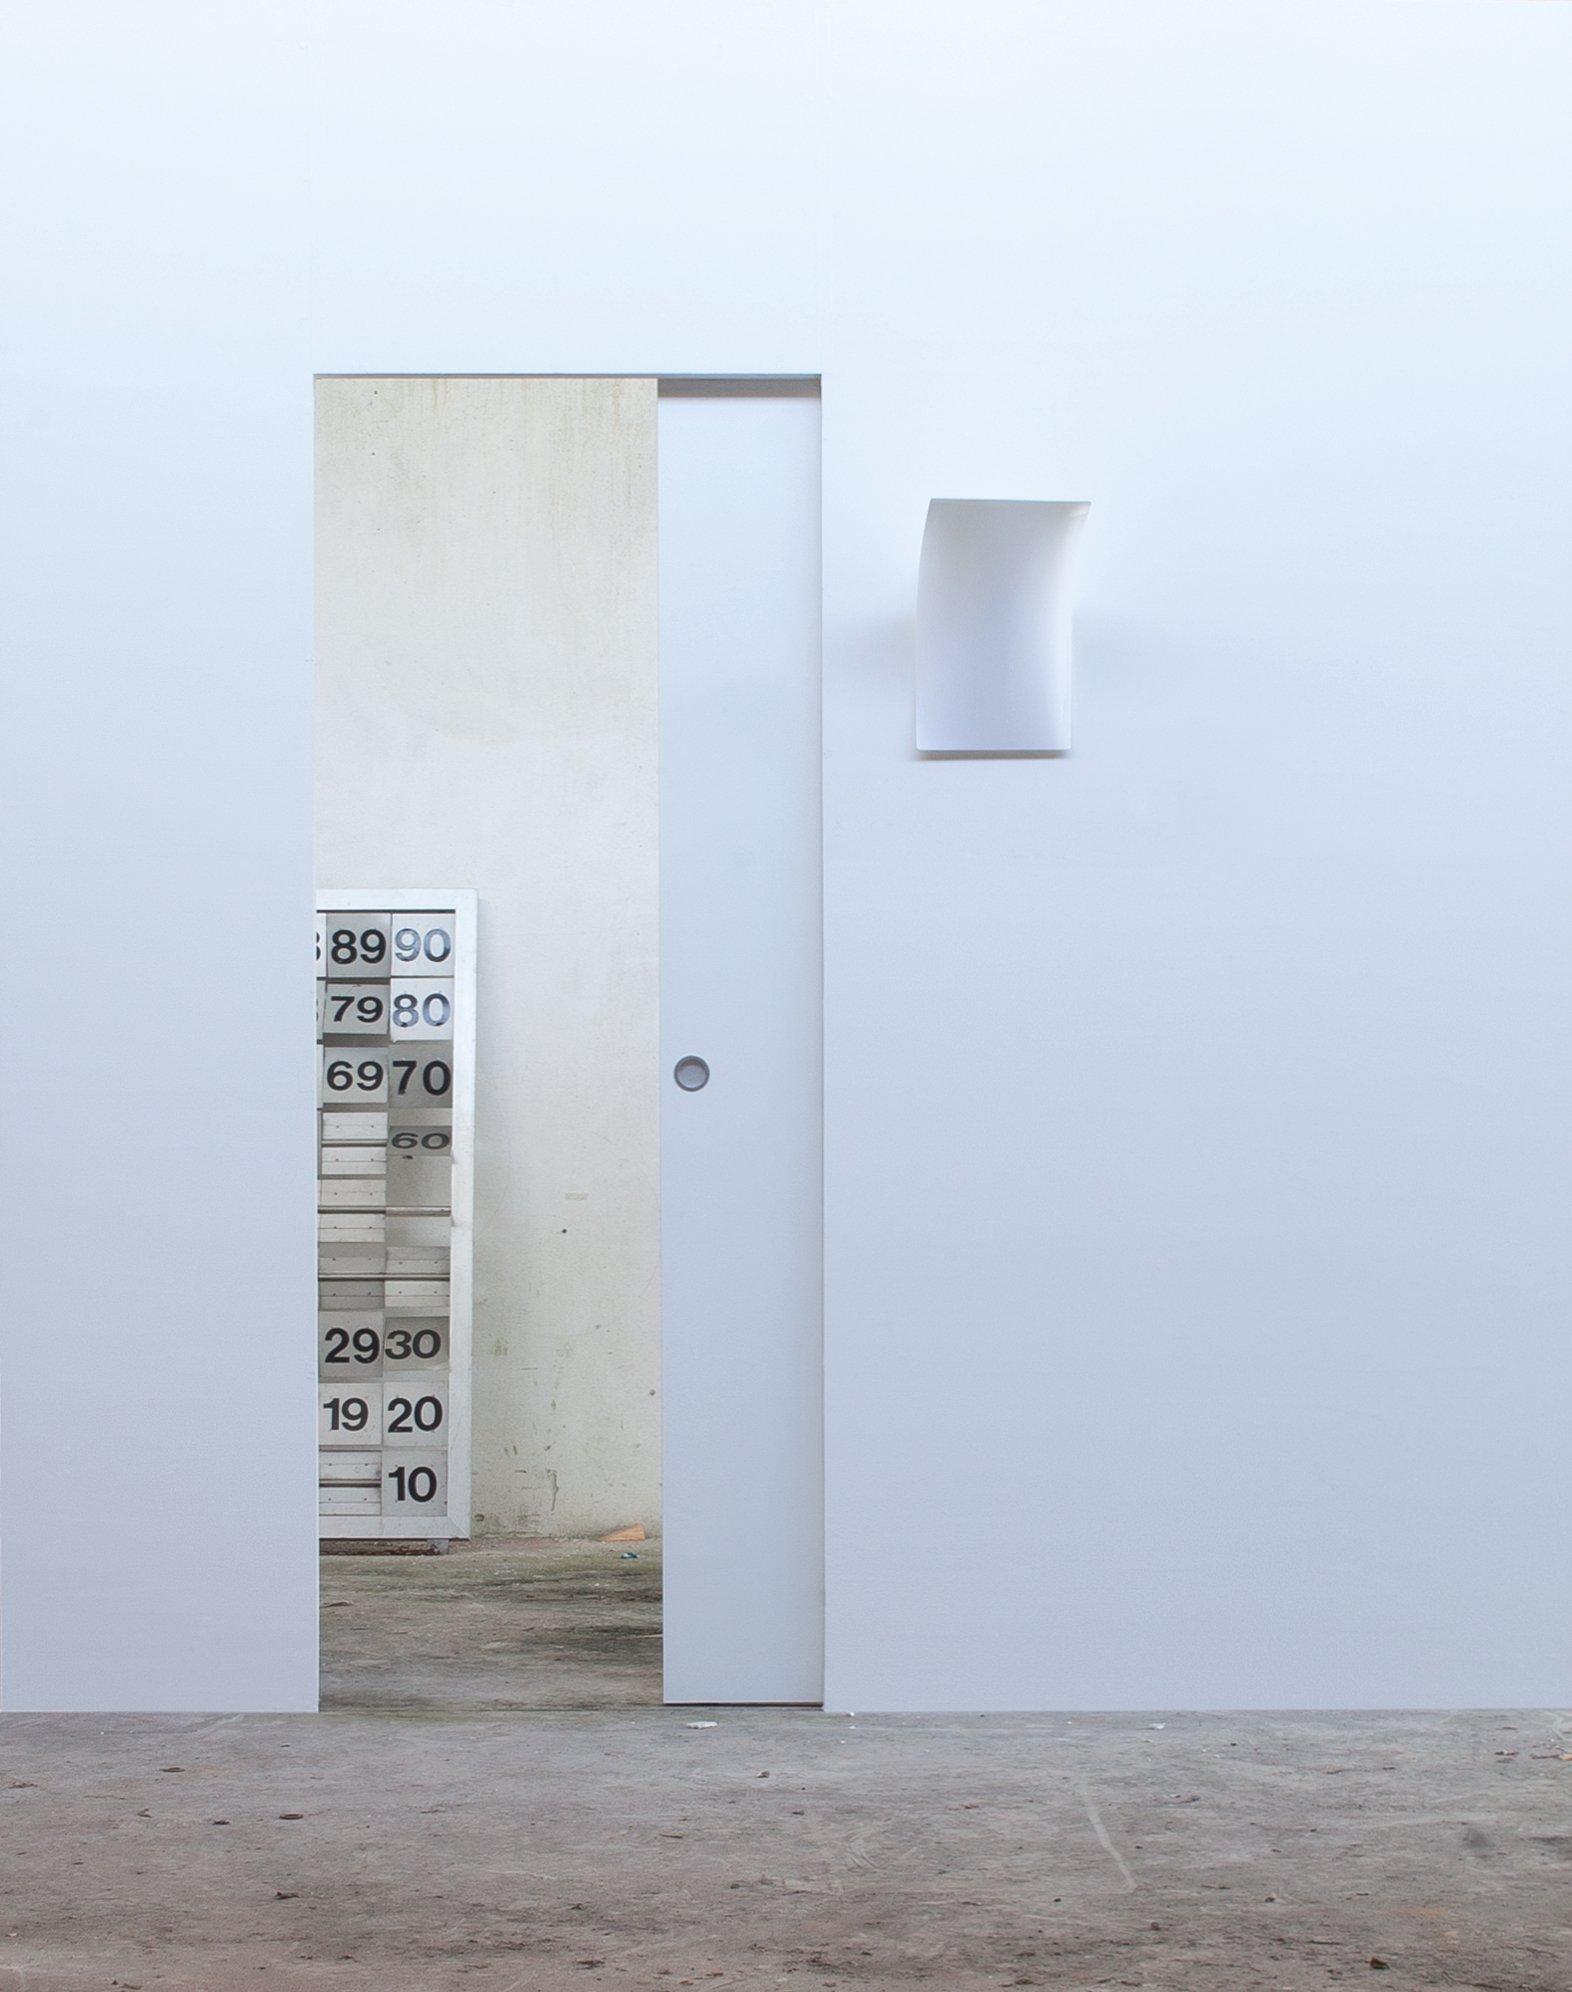 Porte scorrevoli per risolvere problemi di spazio - Cose di Casa